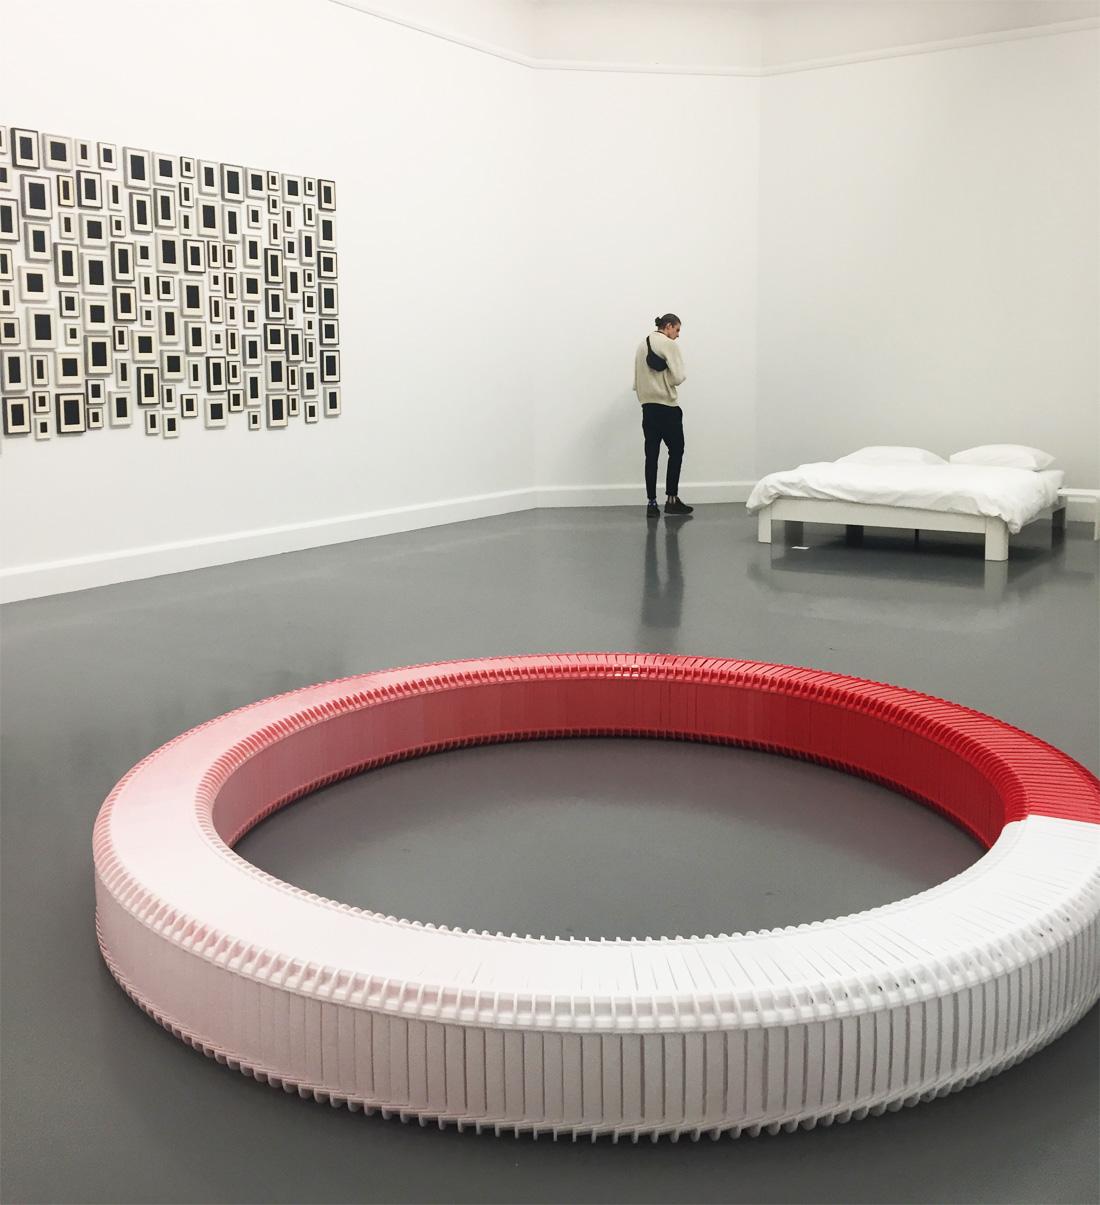 שבוע העיצוב באיינדהובן, שבוע העיצוב ההולנדי, DDW, dutch design week, van abbemuseum